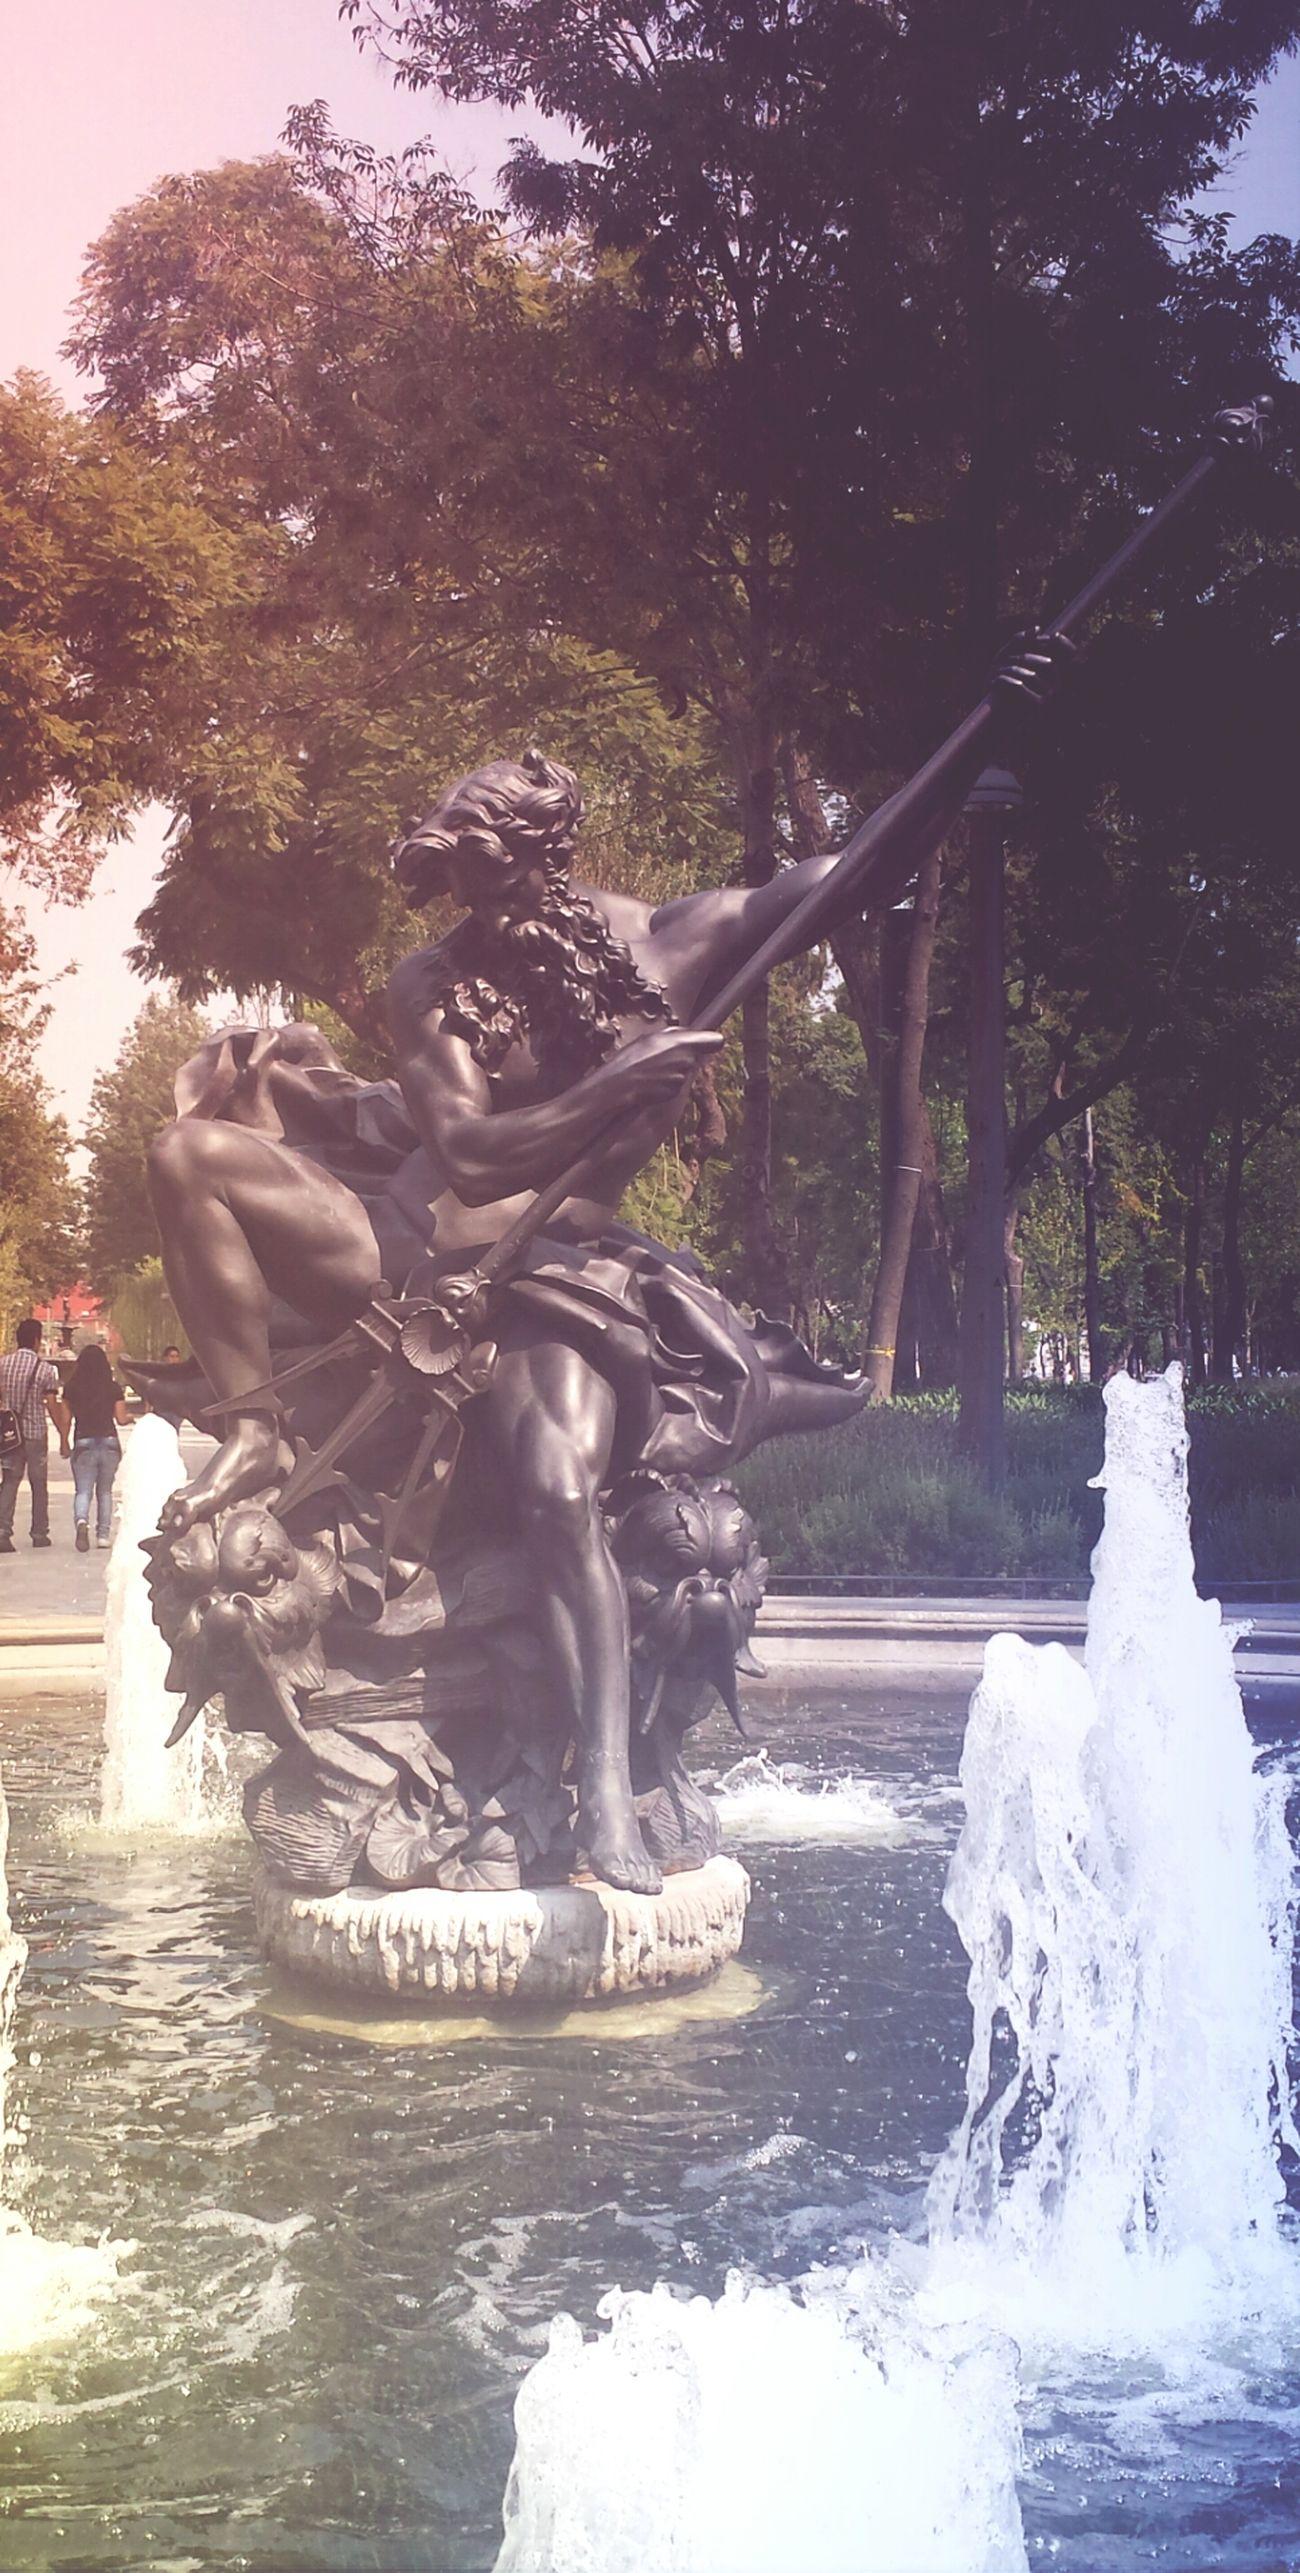 Poseidón. ILoveDF